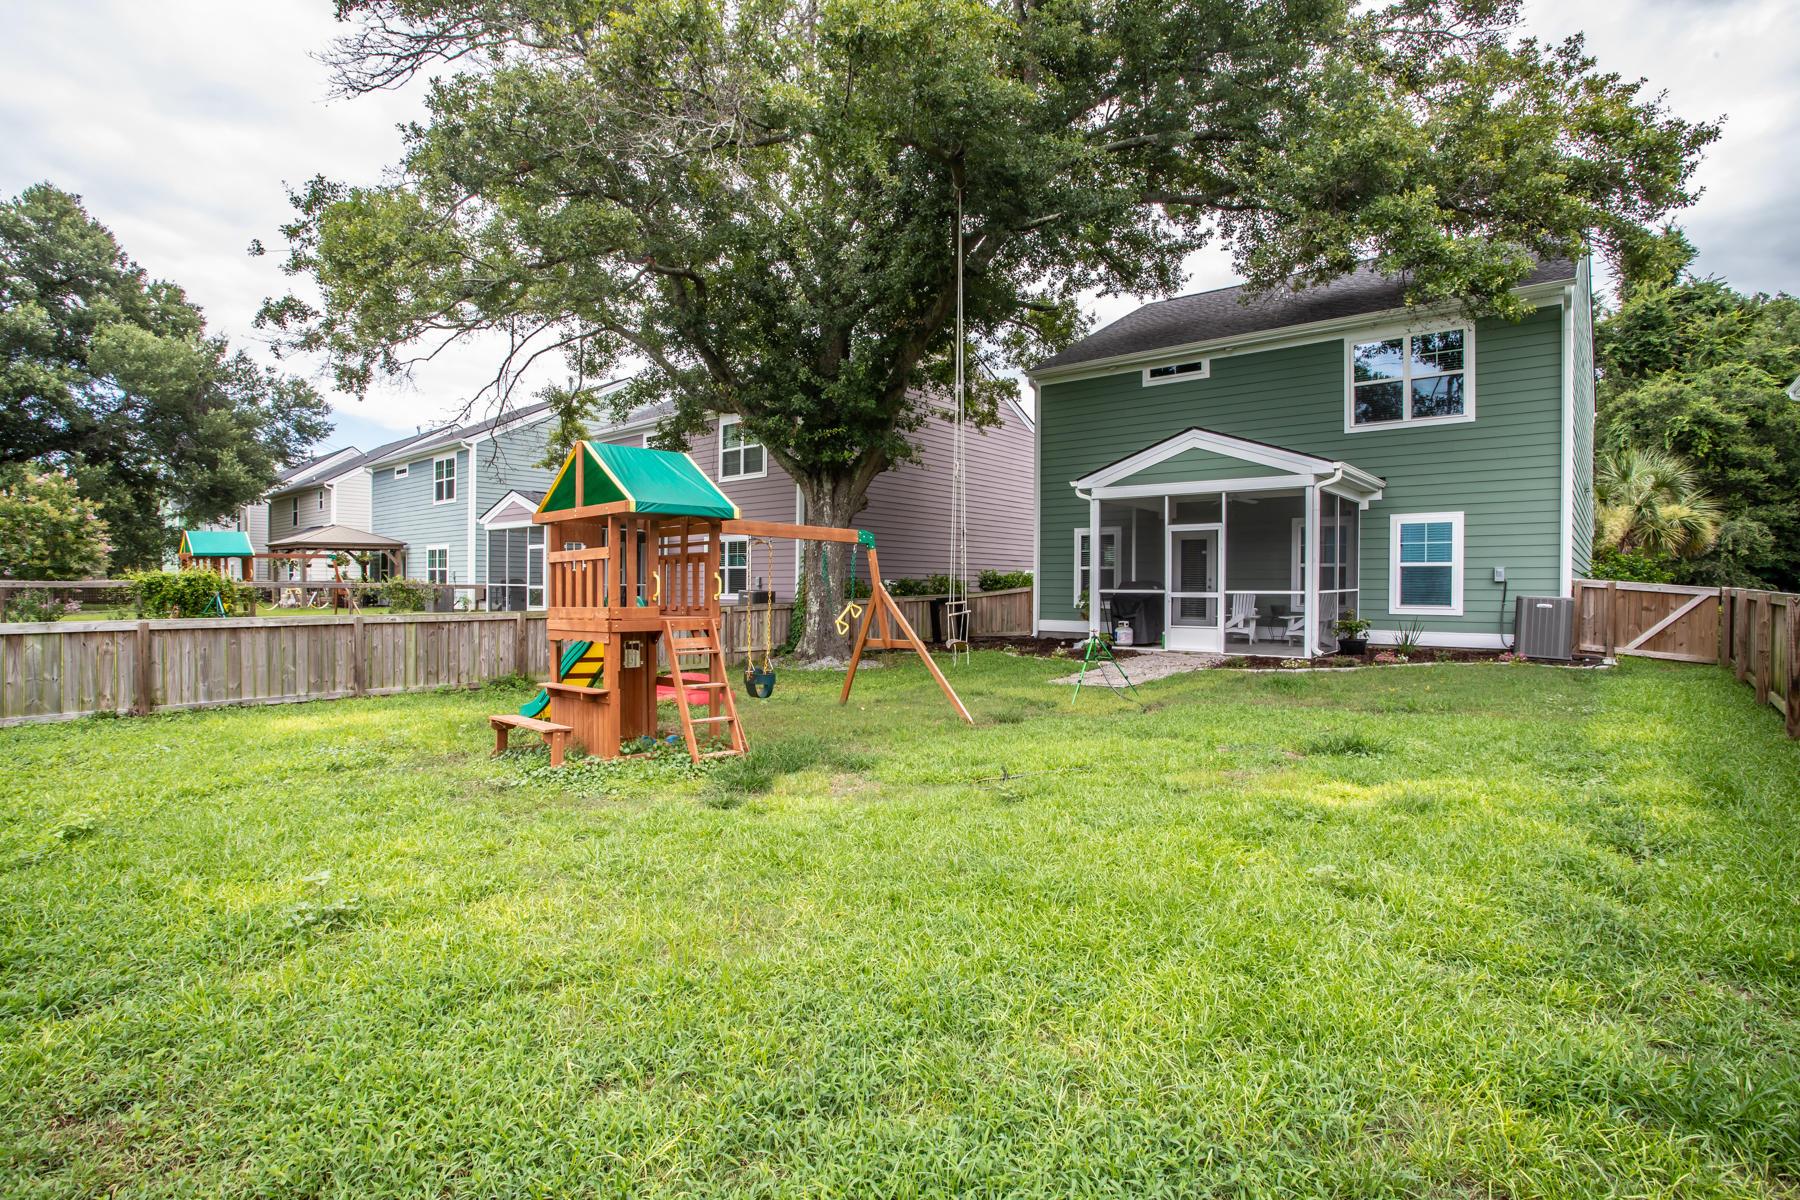 Pemberton Farms Homes For Sale - 1135 Pemberton Farms, Charleston, SC - 29